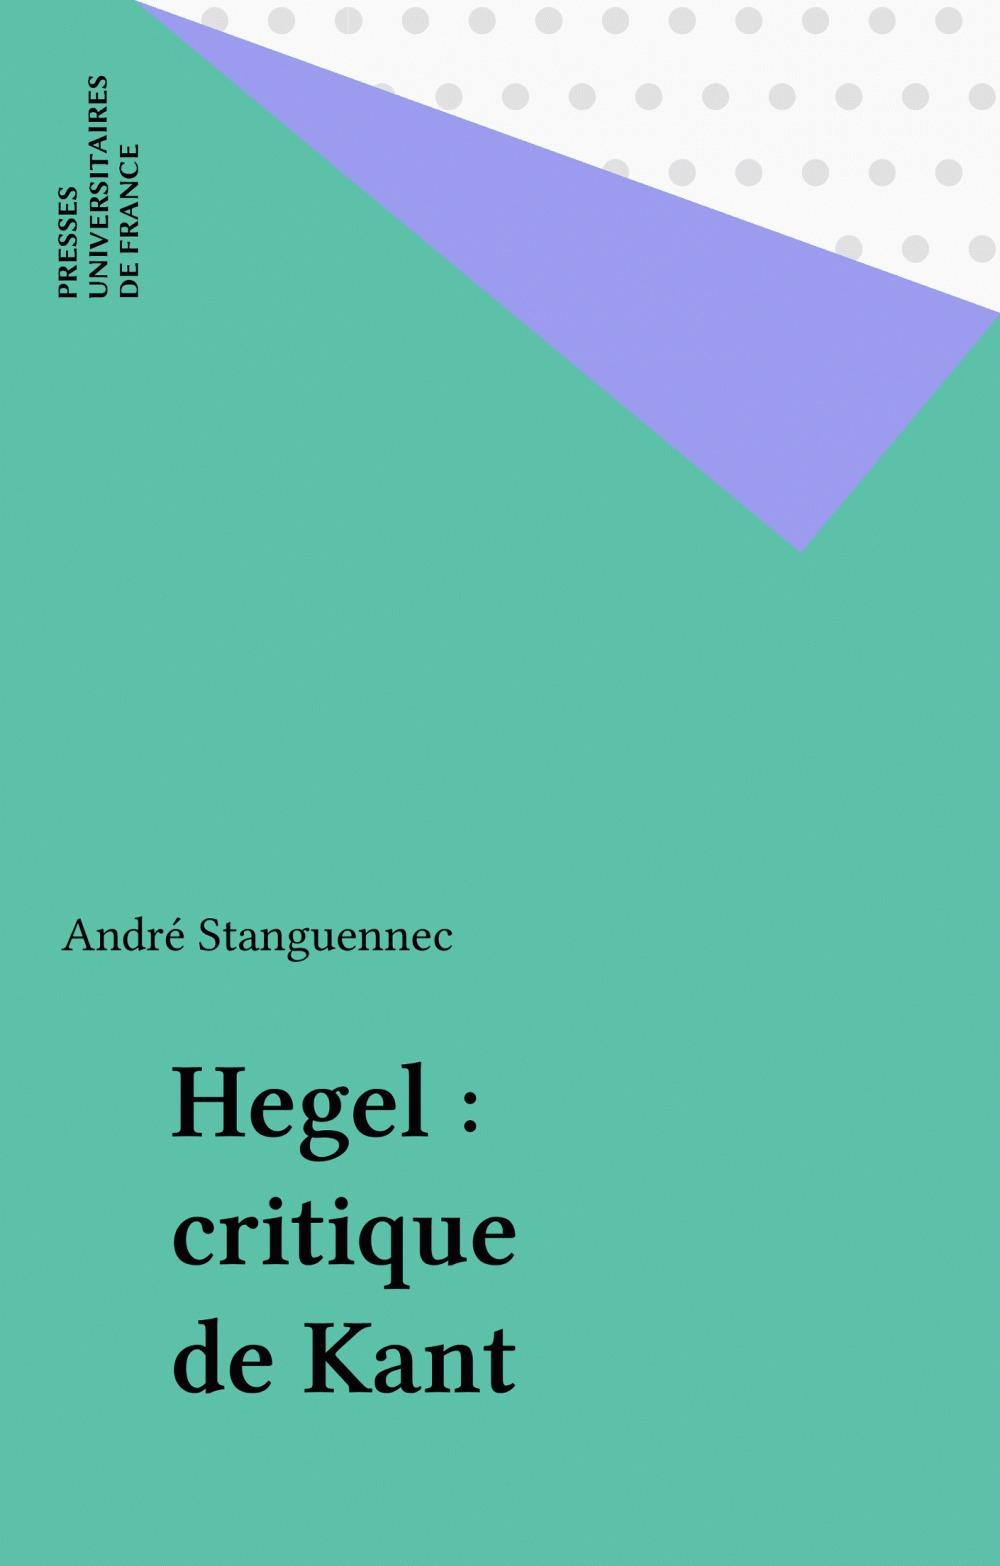 Hegel, critique de Kant